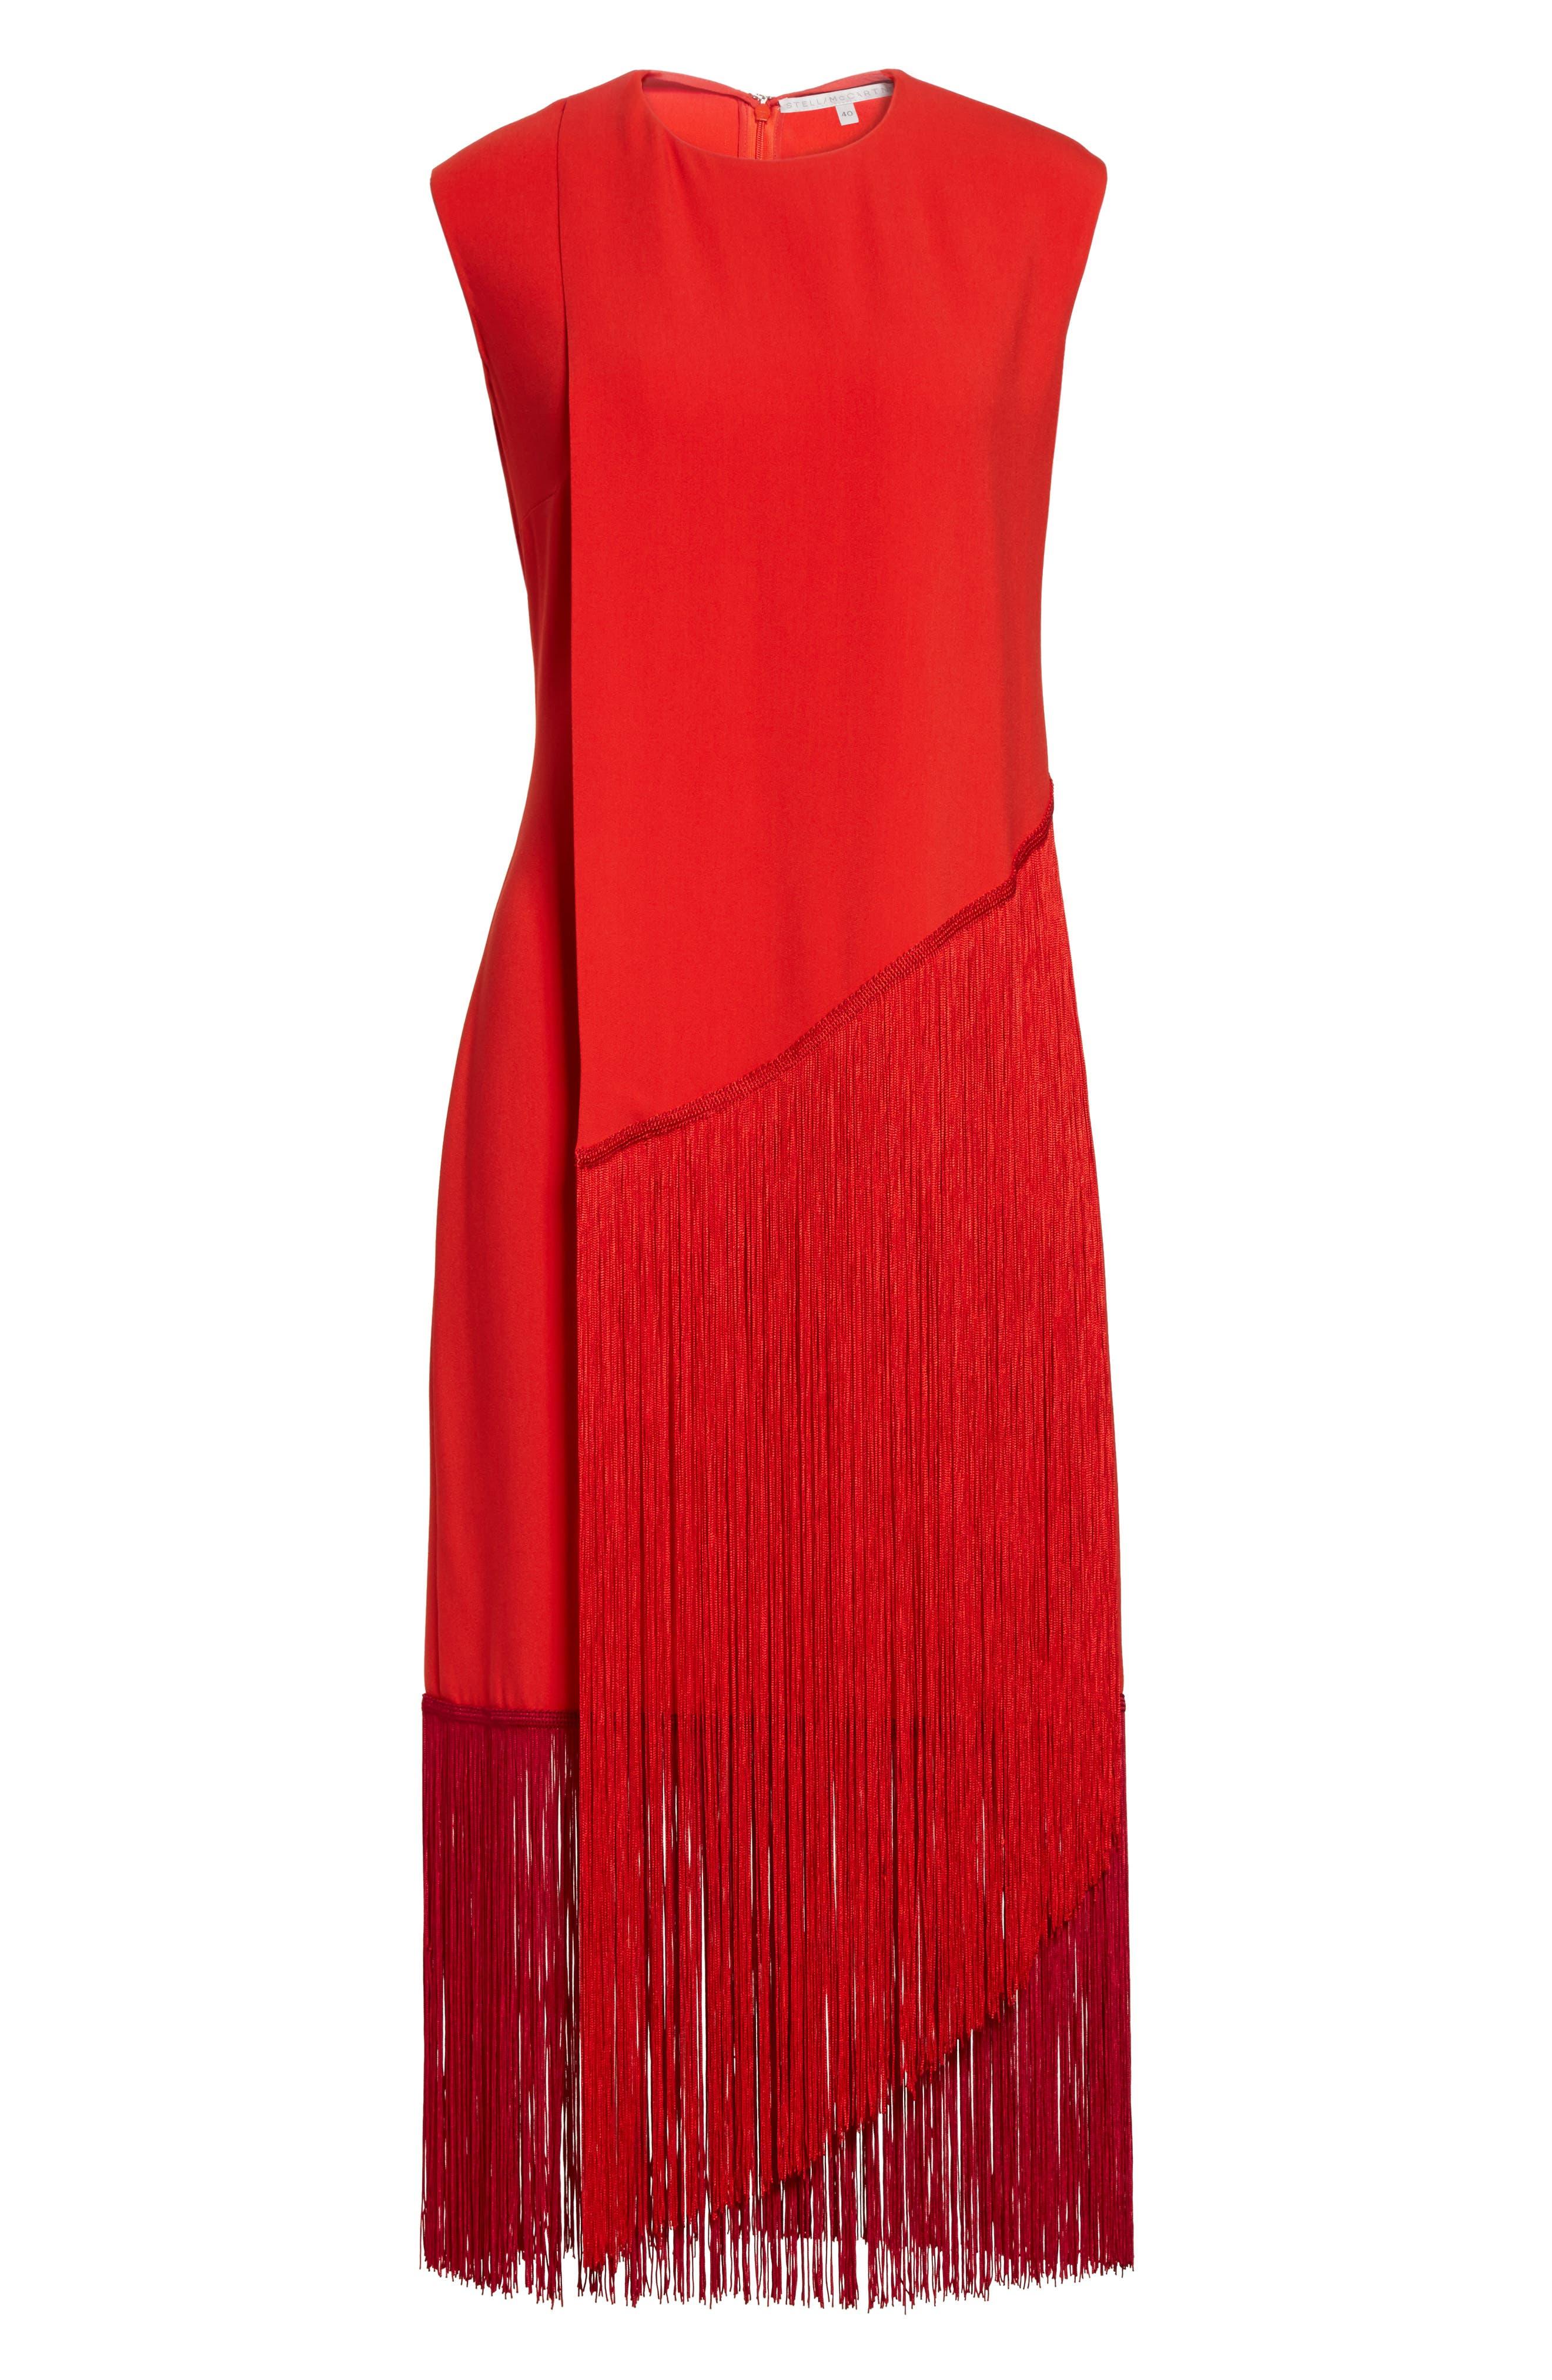 Fringe Overlay Dress,                             Alternate thumbnail 4, color,                             Lipstick